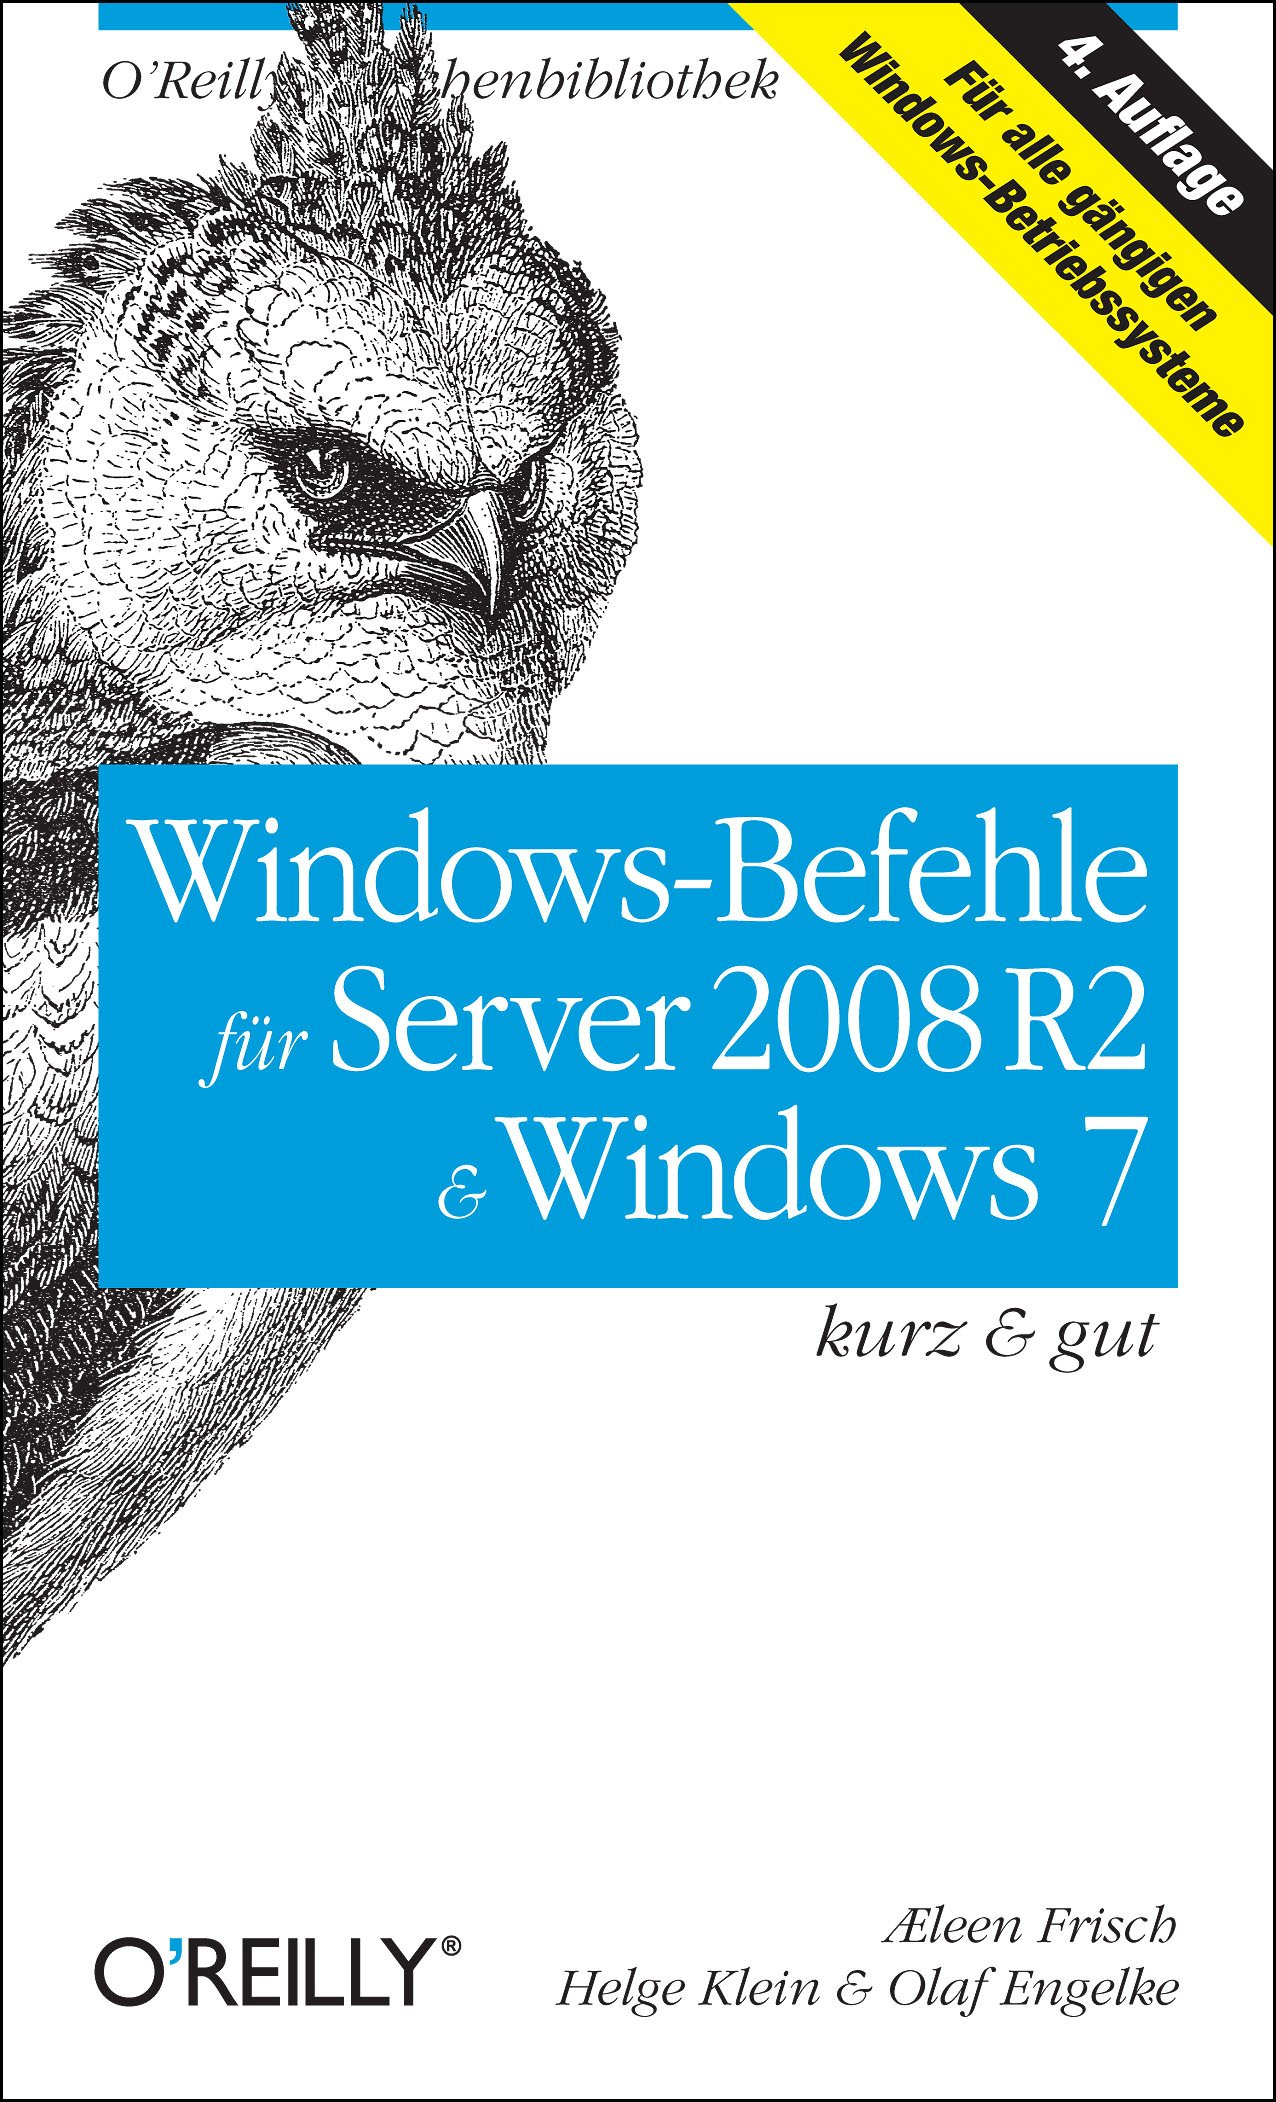 Windows Befehle Für Server 2008 R2 And Windows 7   Kurz And Gut  O'Reillys Taschenbibliothek